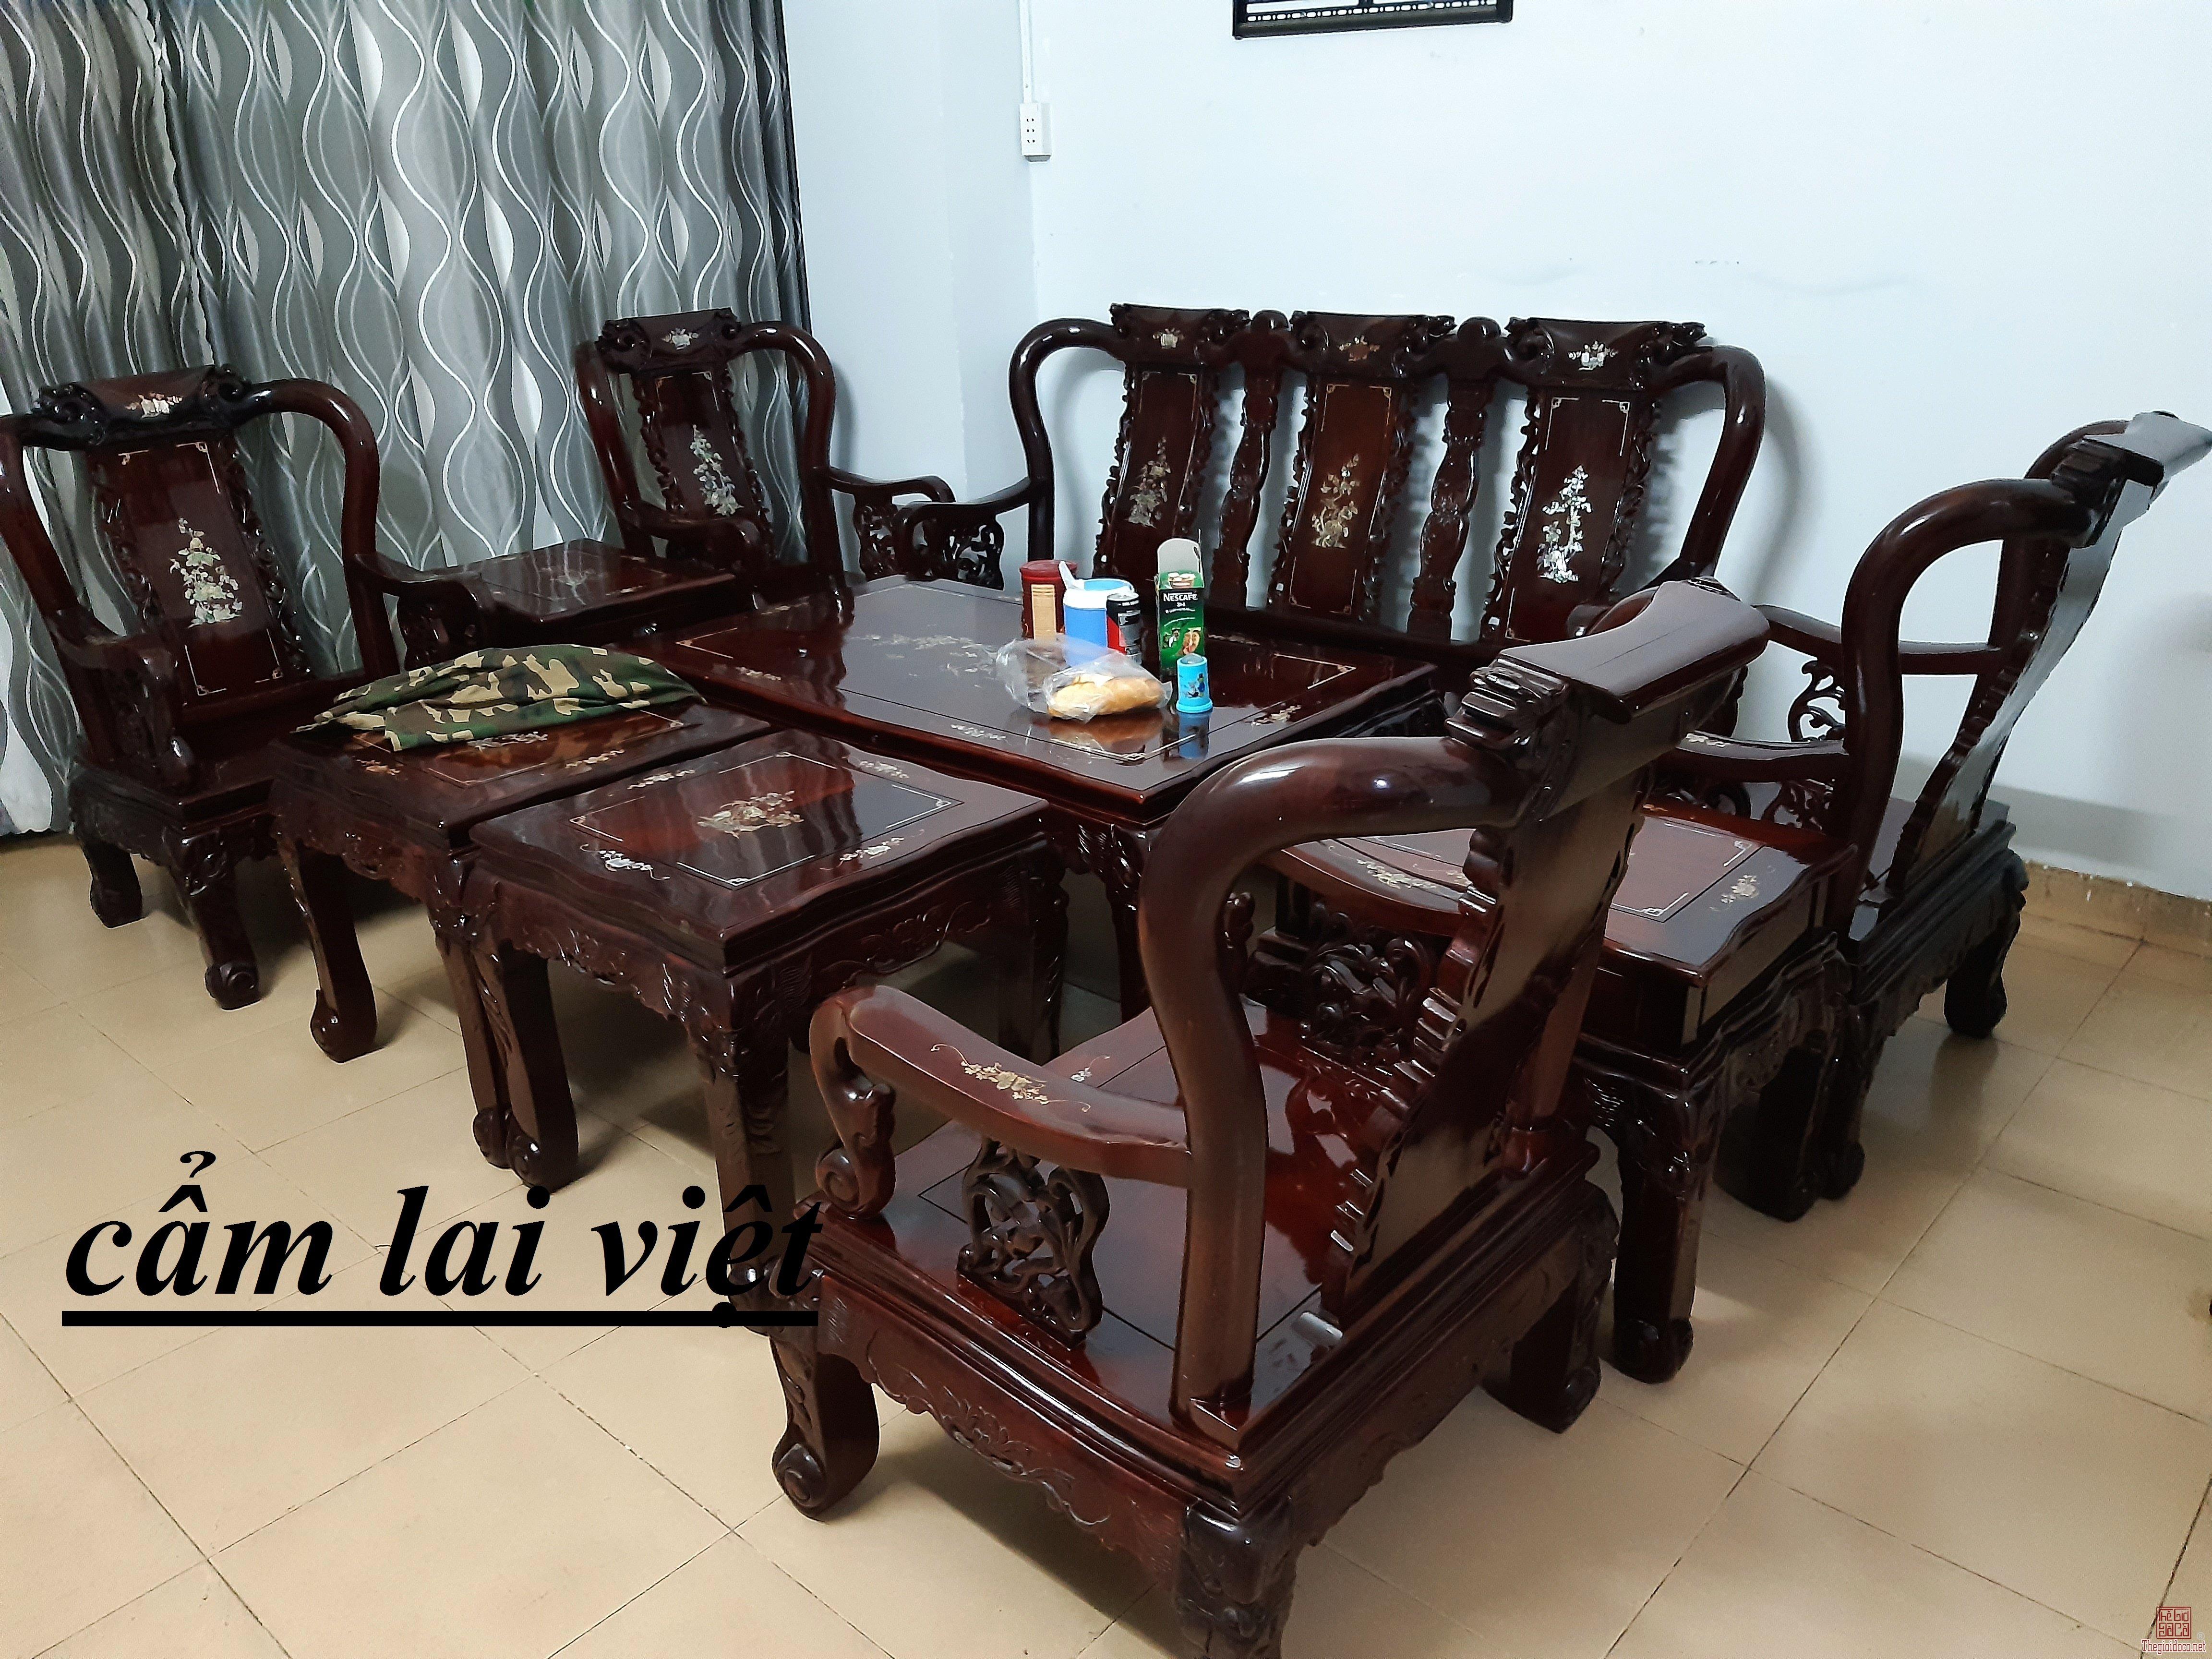 Bộ salon gỗ lâu năm cẩm lai 10 món